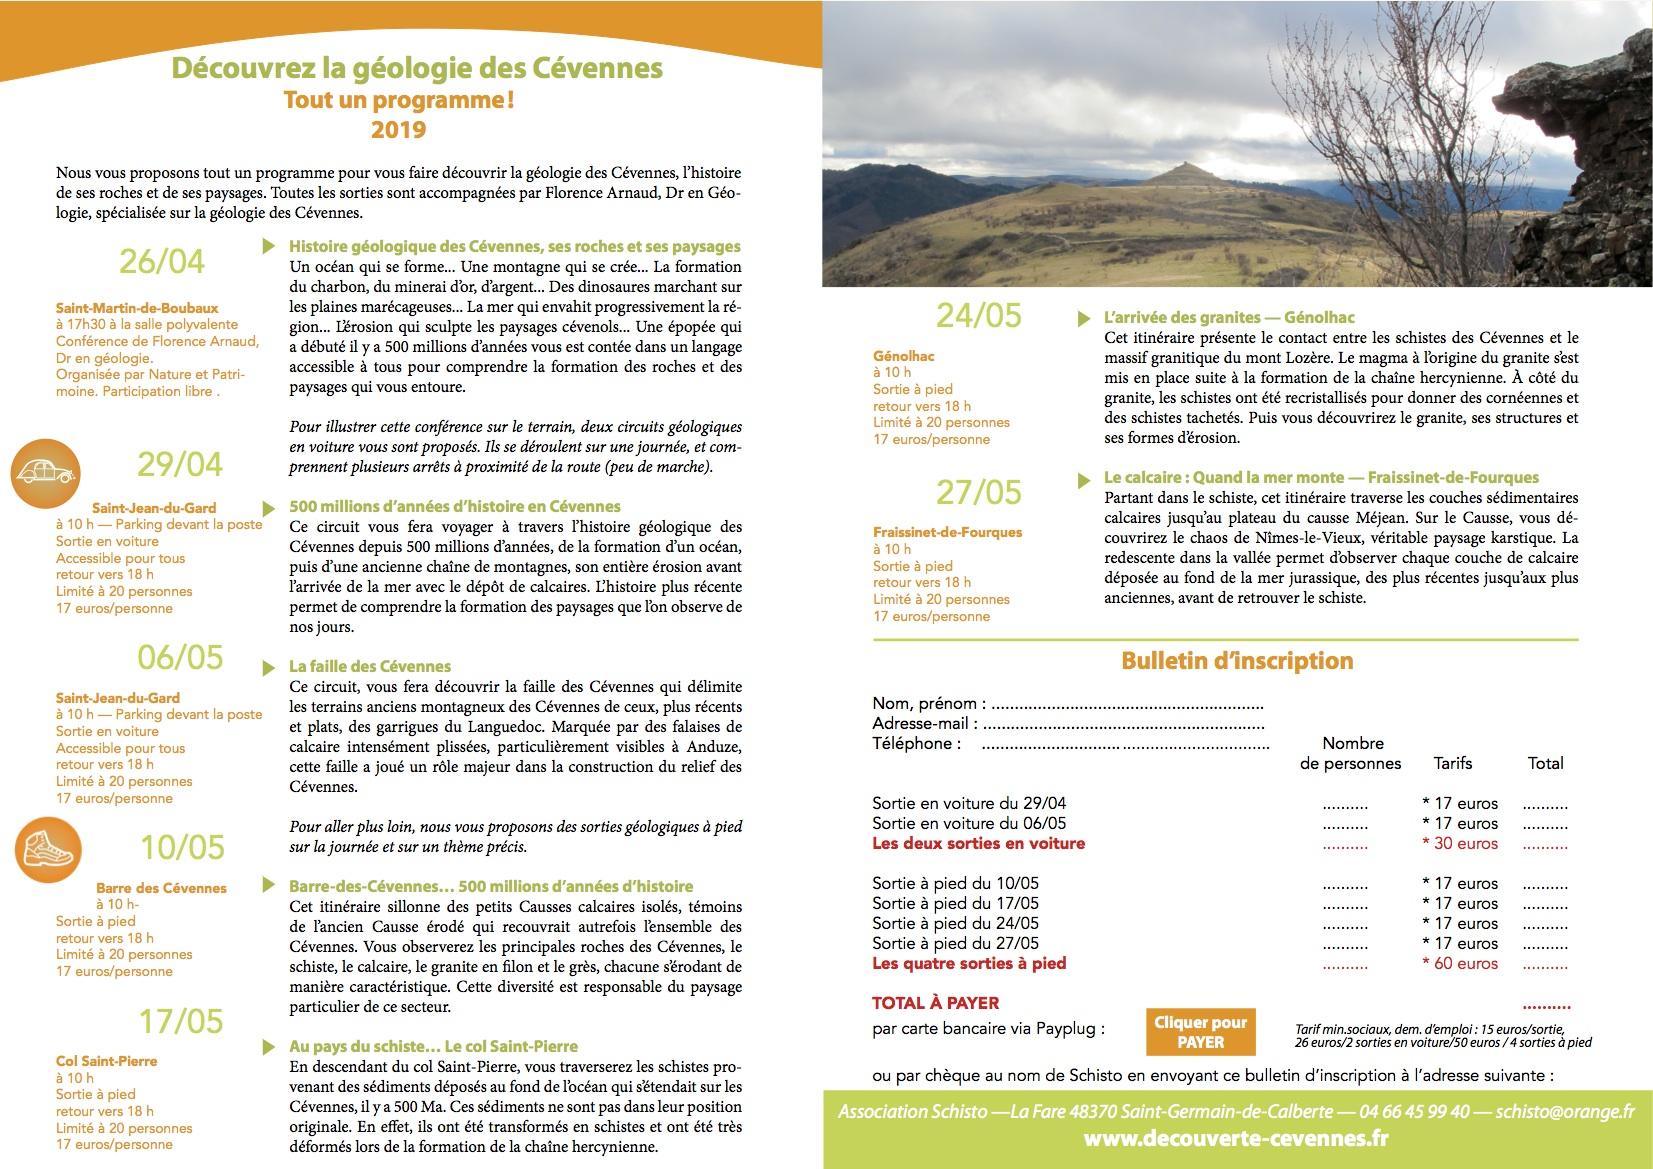 Découvrez la géologie des Cévennes - Programme 2019